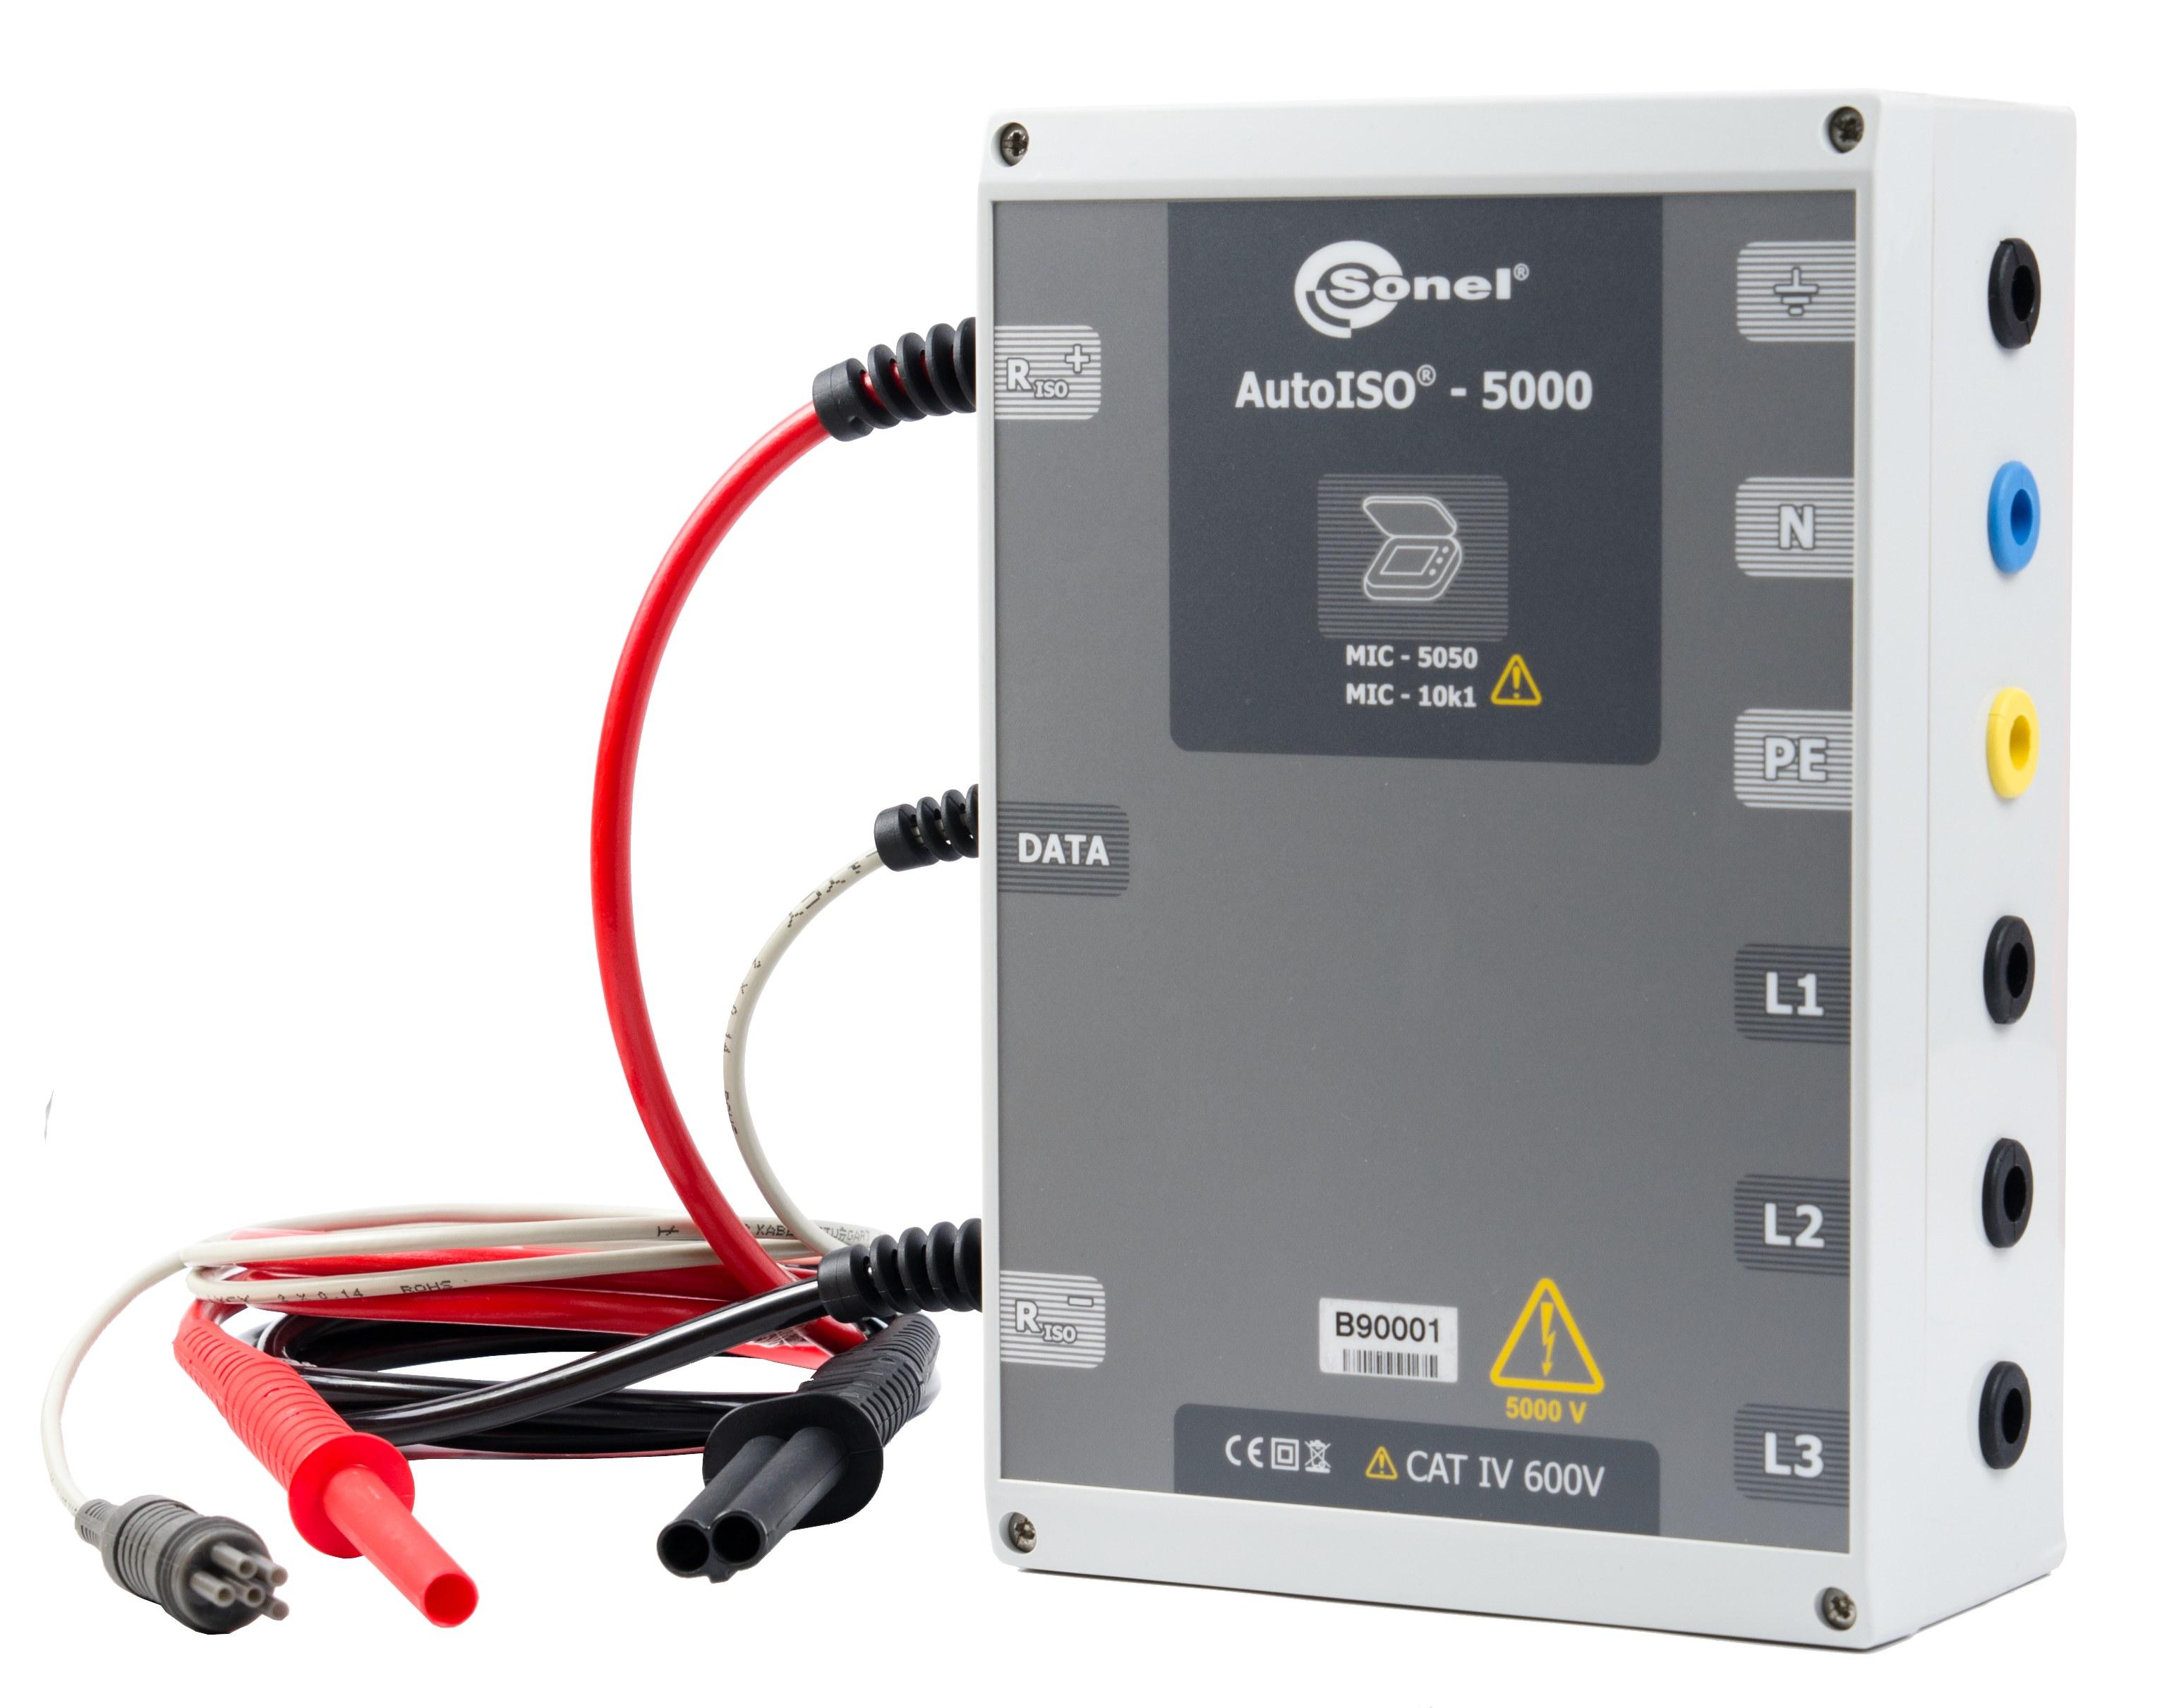 AUTOISO 5000 adapter